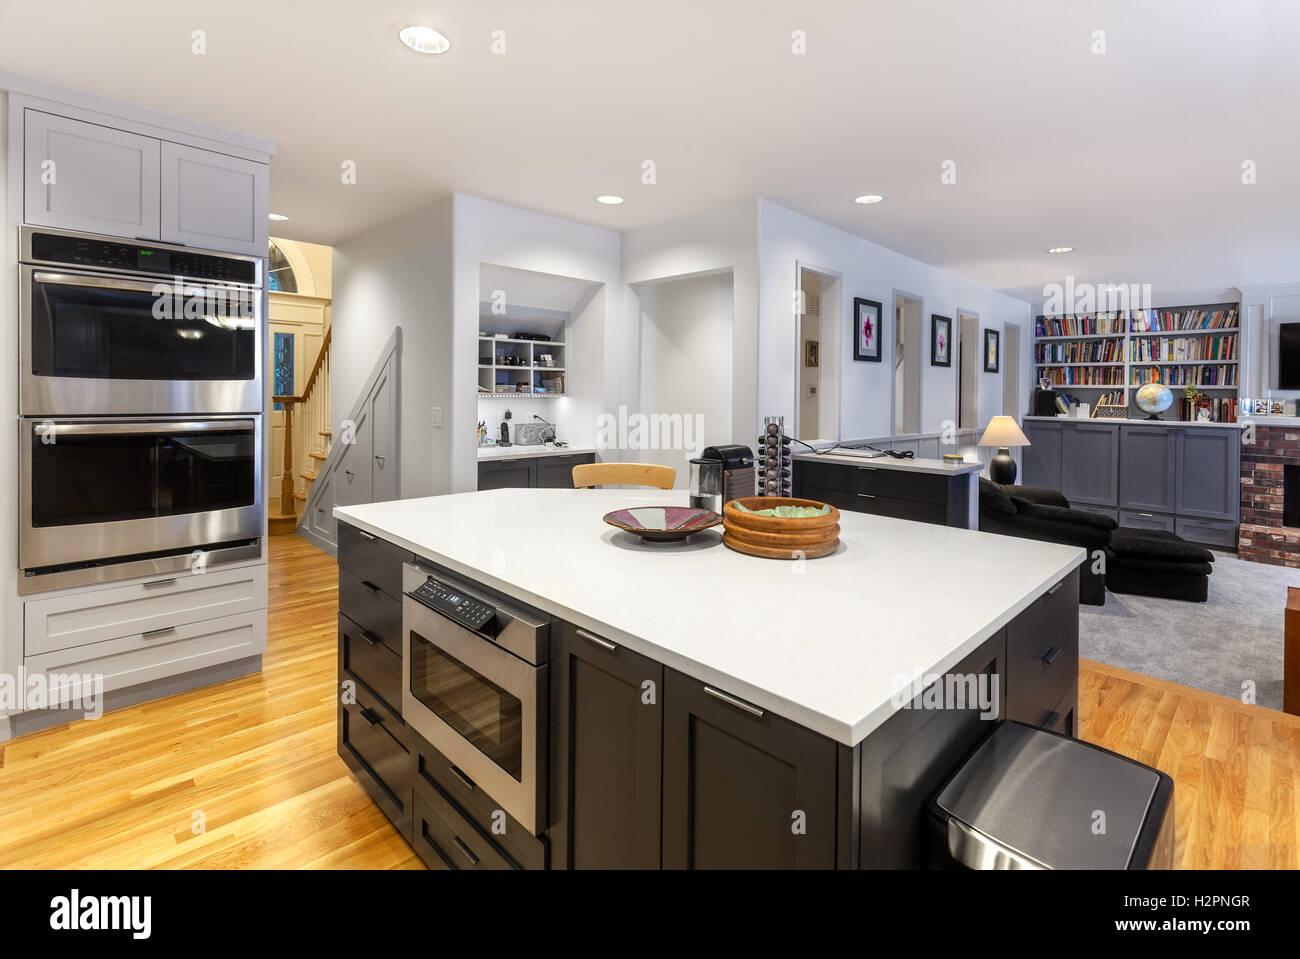 Cucina aperta e family room Immagini Stock